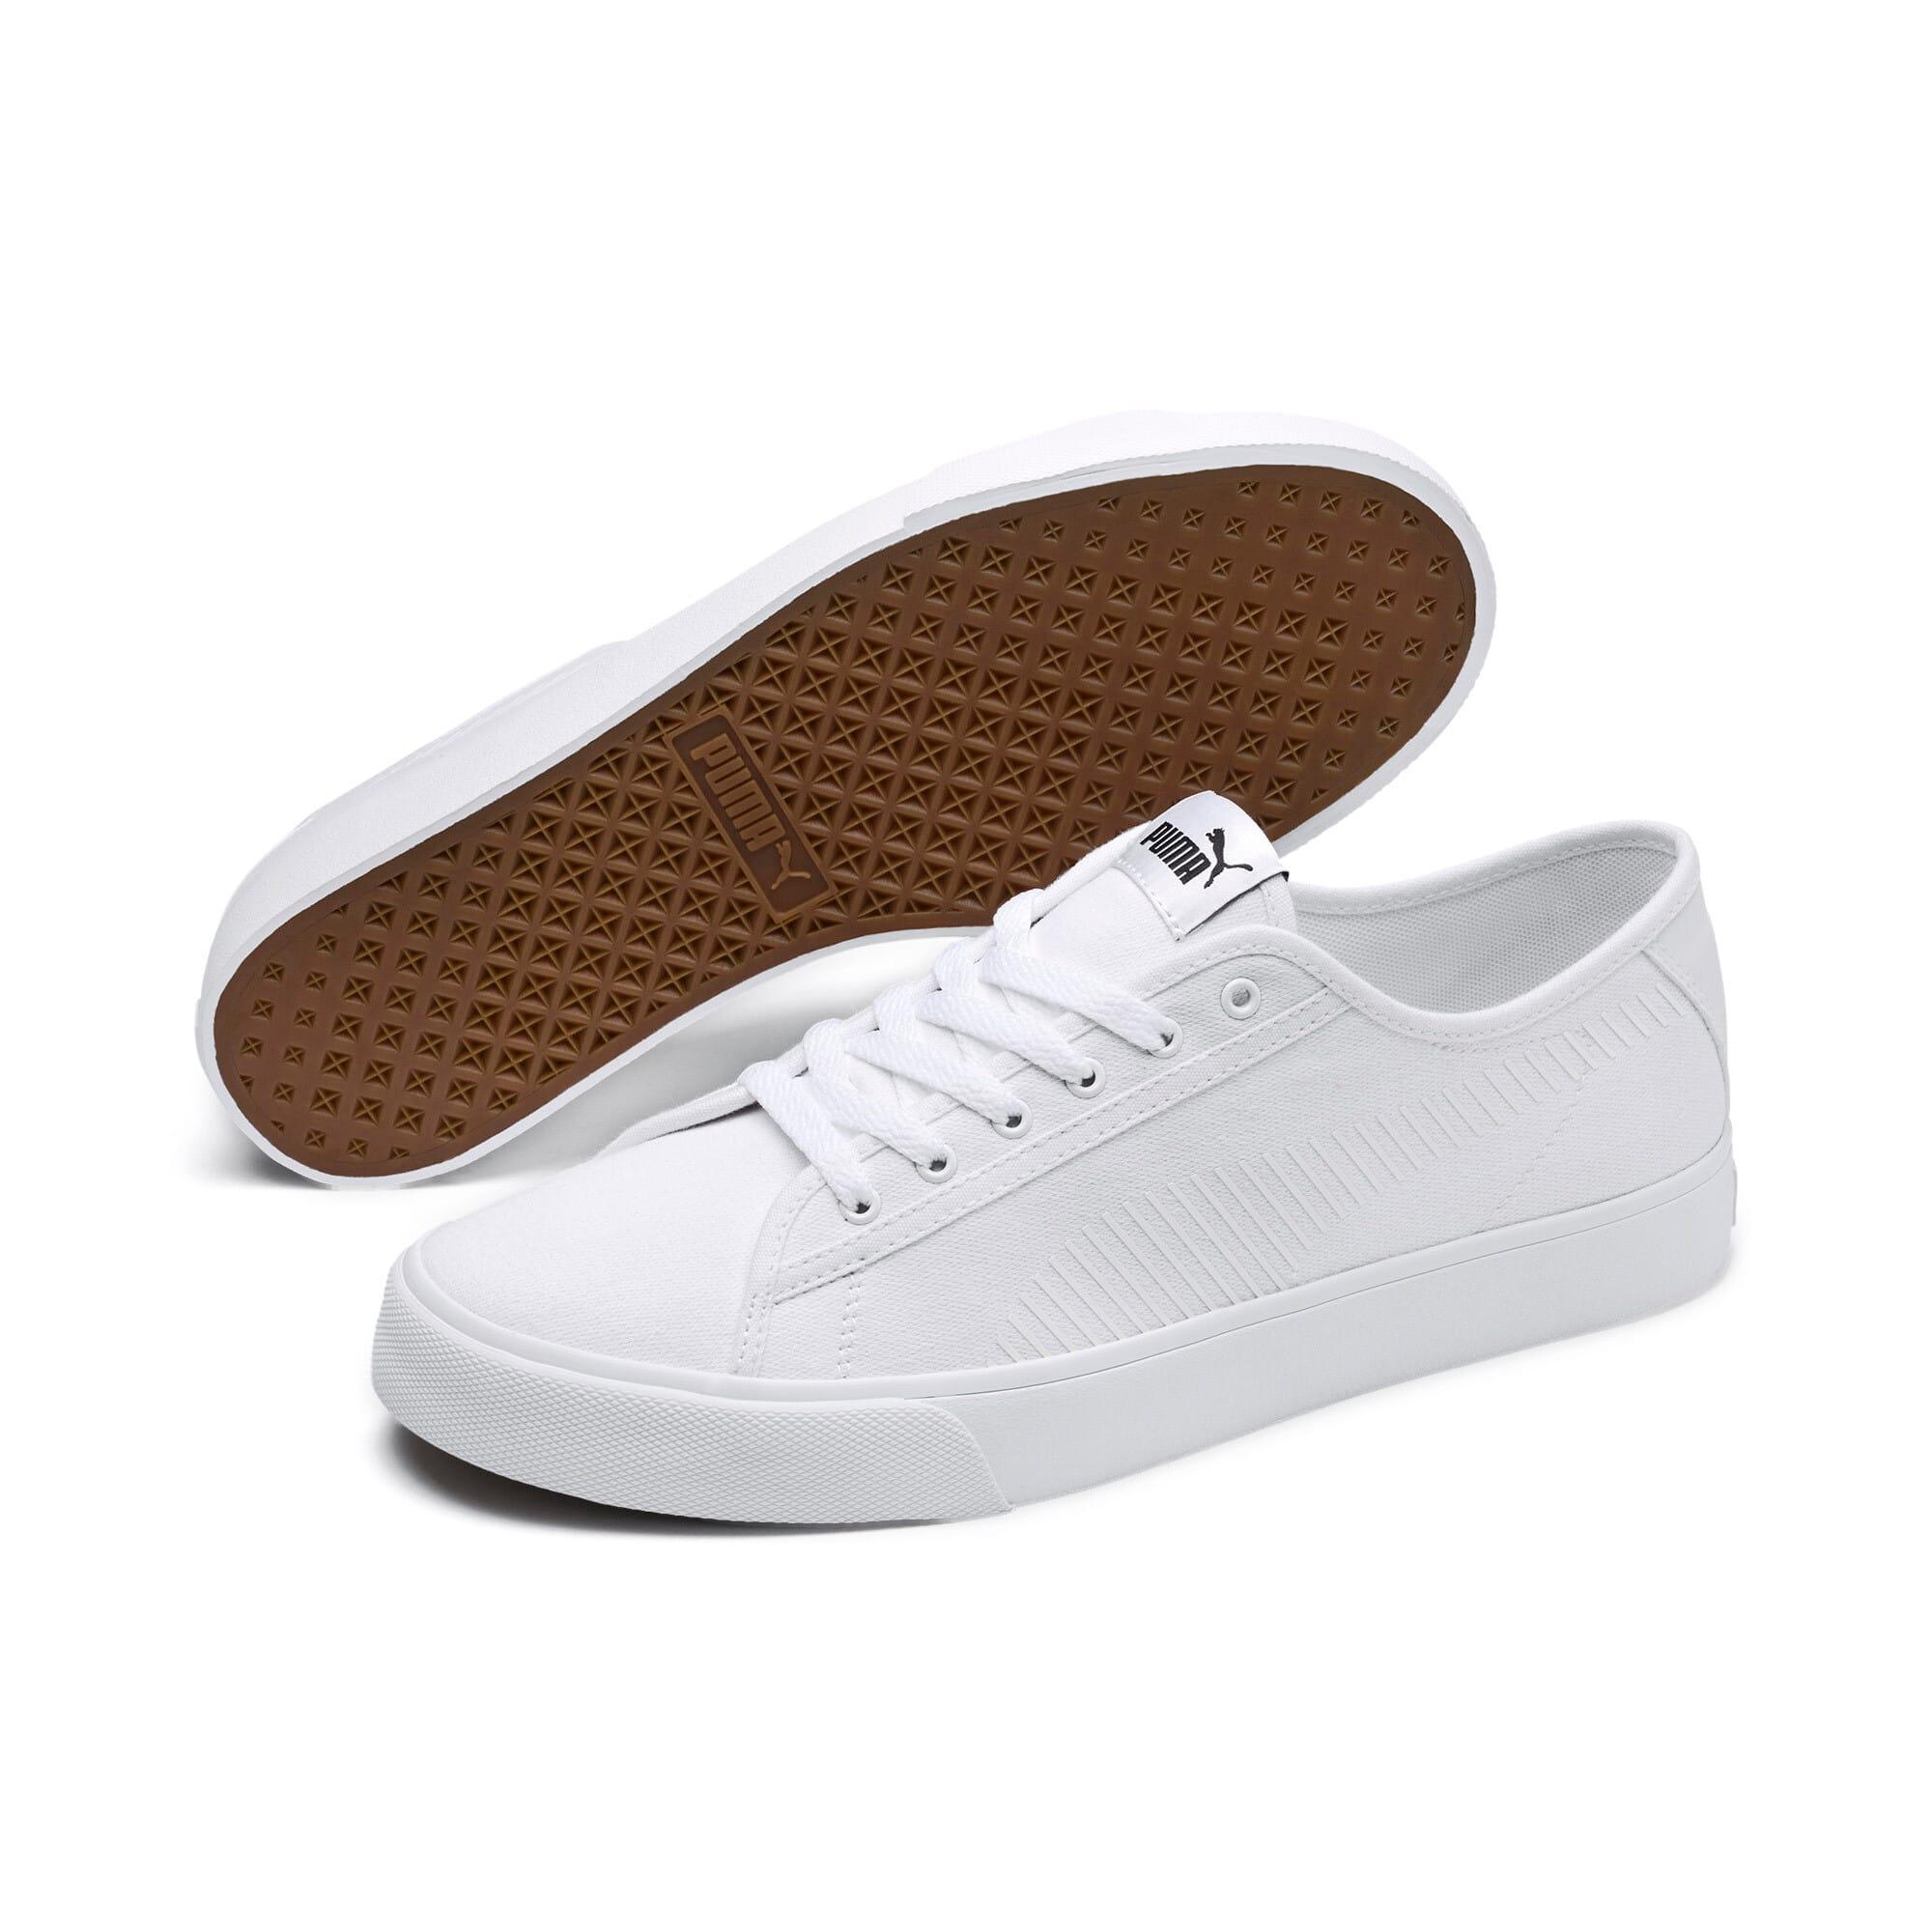 Thumbnail 2 of Bari Sneakers, Puma White-Puma White, medium